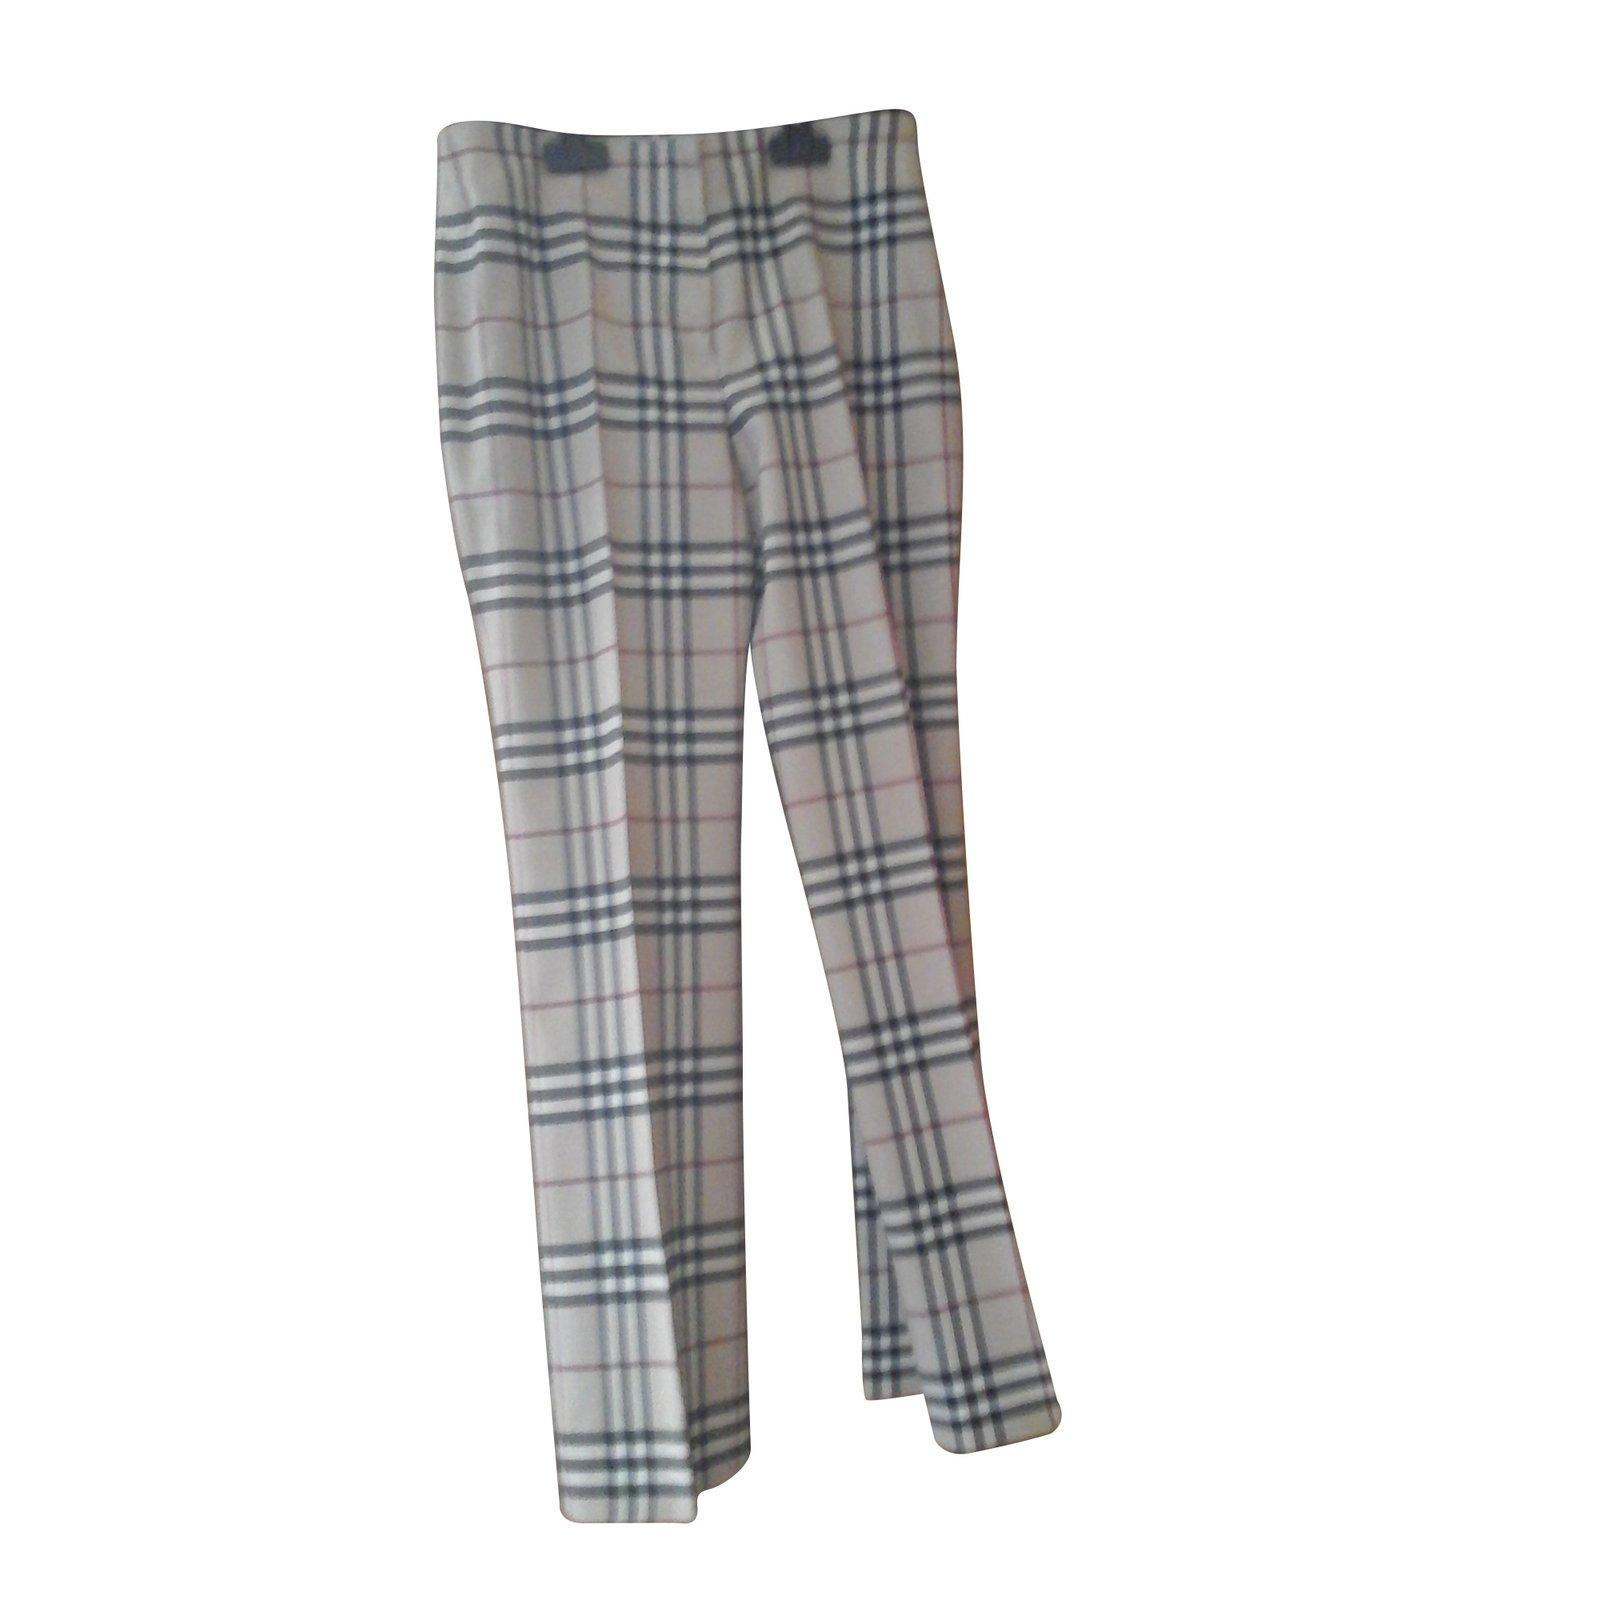 bcbcdd0b988 beige-burberry-trousers-pants-leggings.jpg